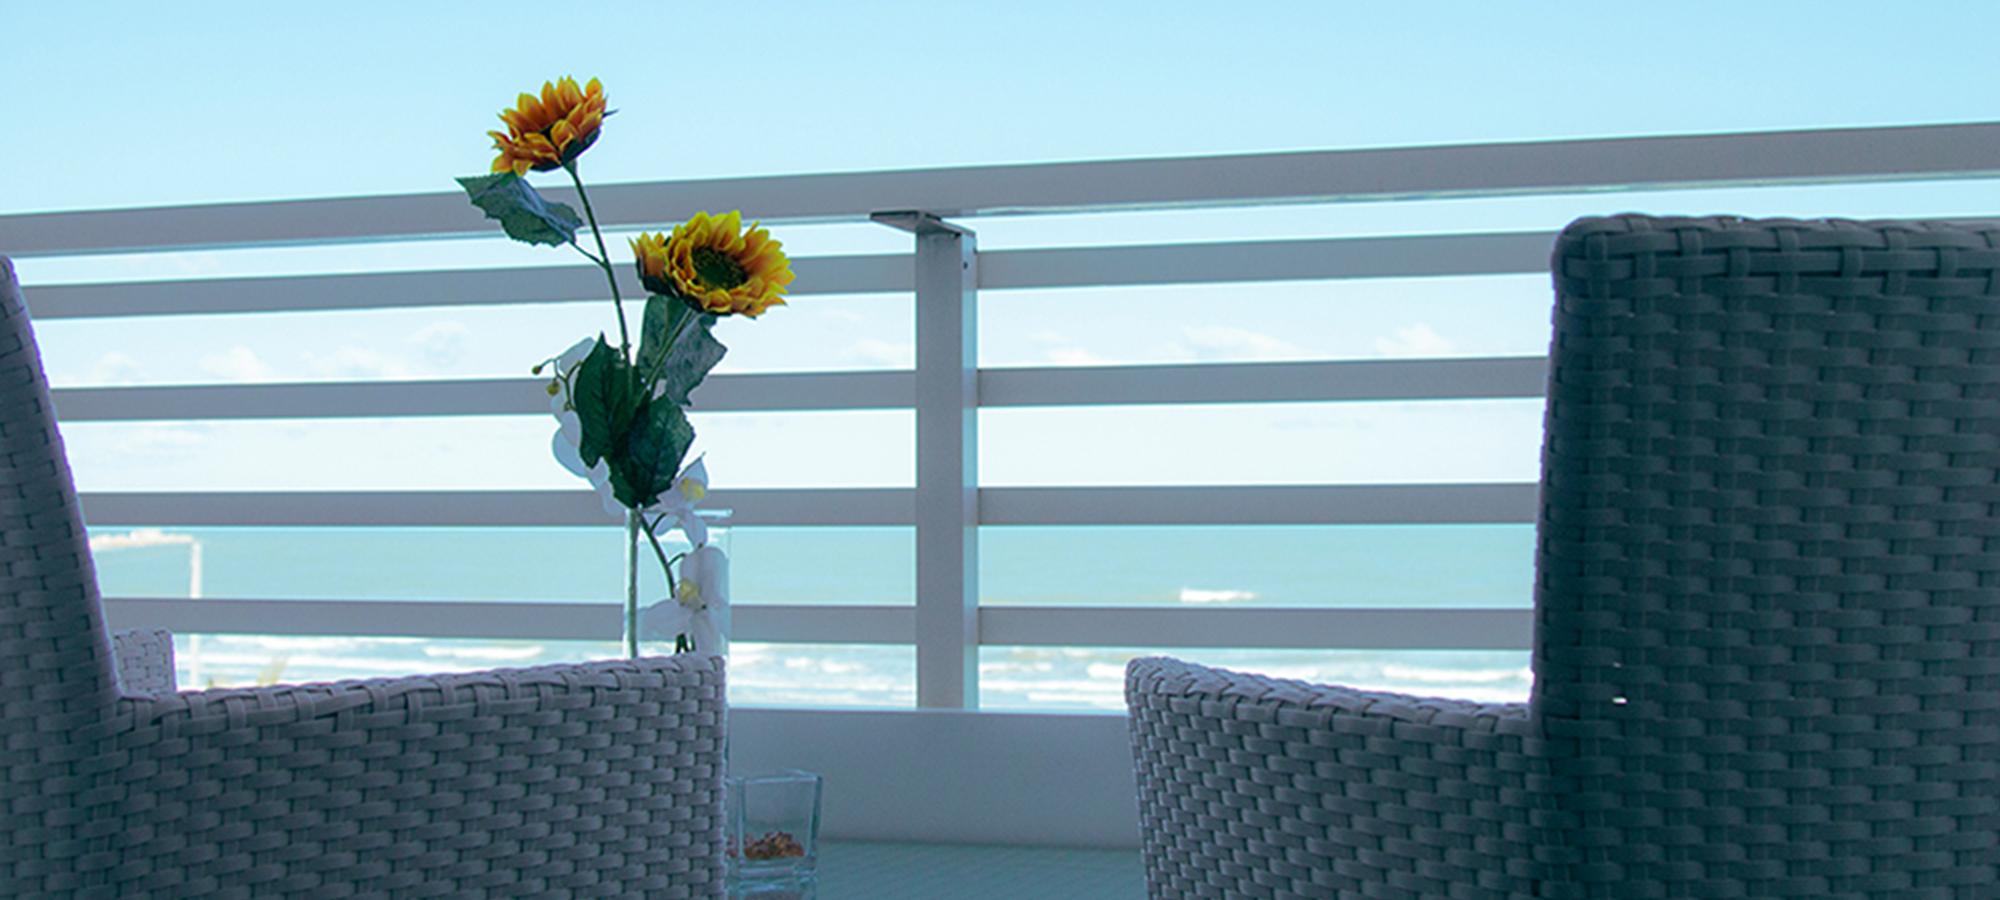 La Terrazza Hotel – Hotel in Barletta with sea view rooms, swimming ...